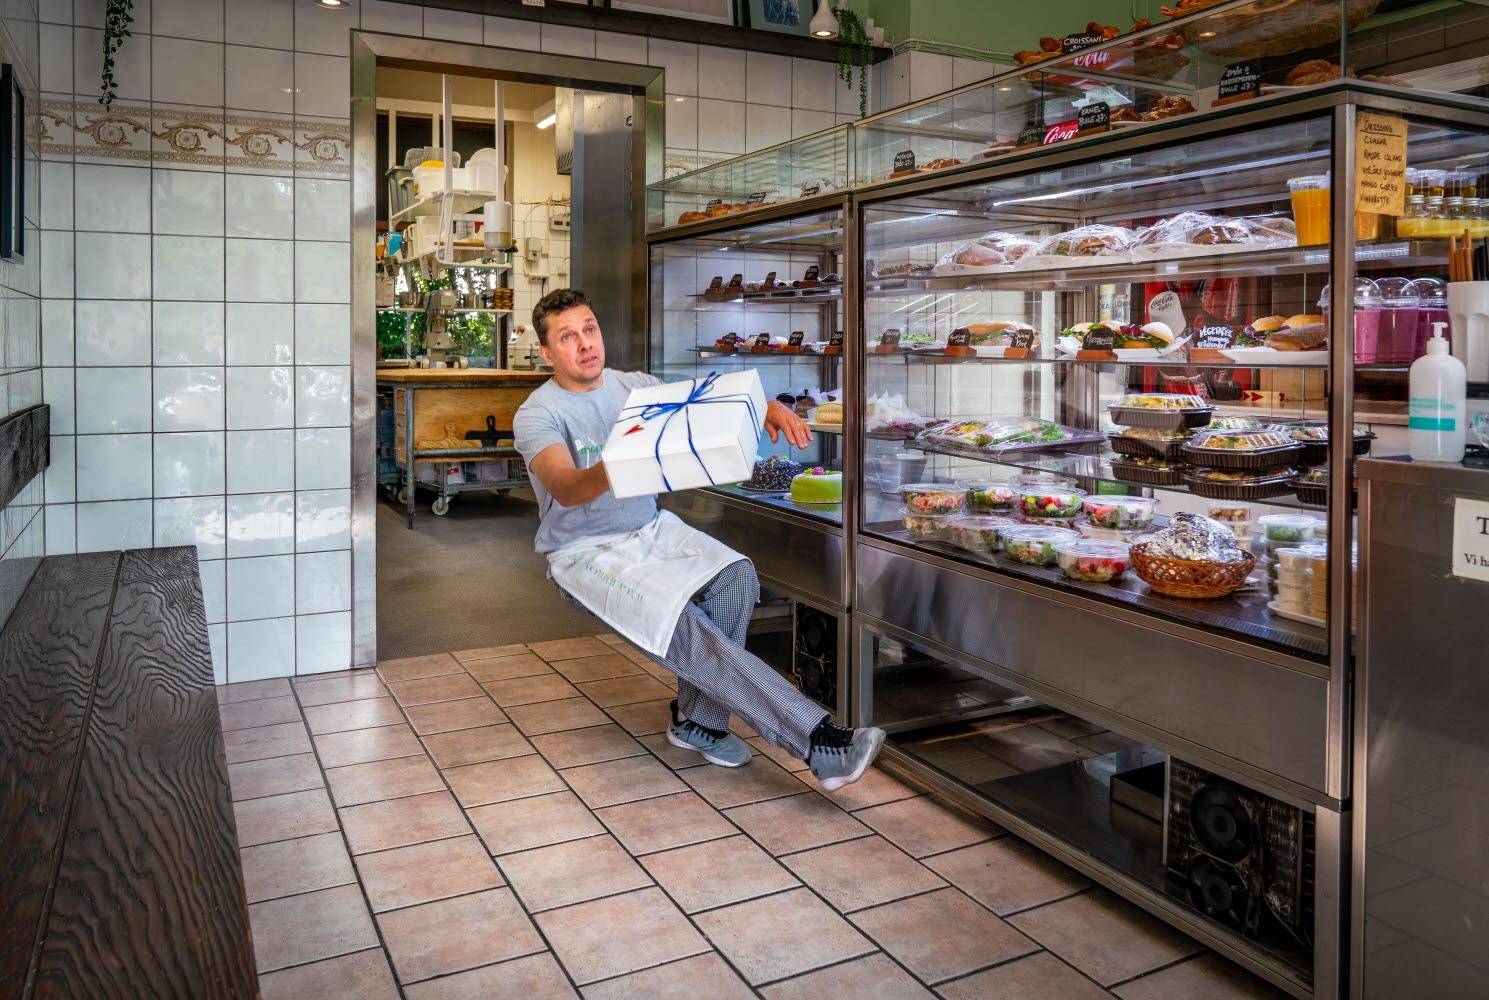 Fallträning kan förebygga arbetsolyckor på jobbet